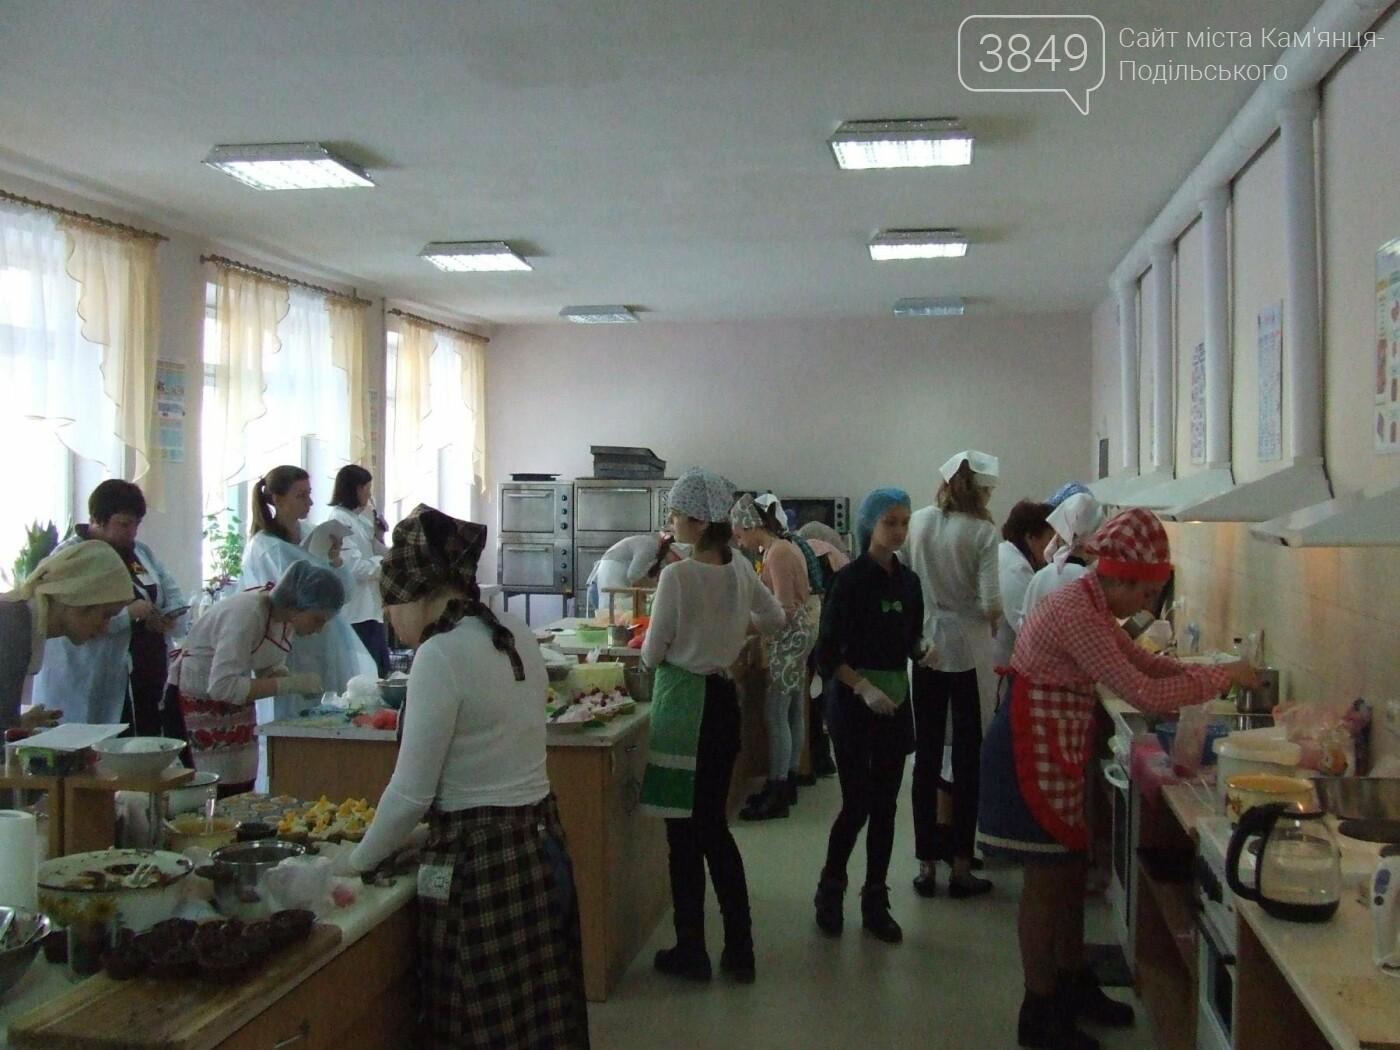 У Кам'янці стартувала Всеукраїнська учнівська олімпіада з трудового навчання , фото-6